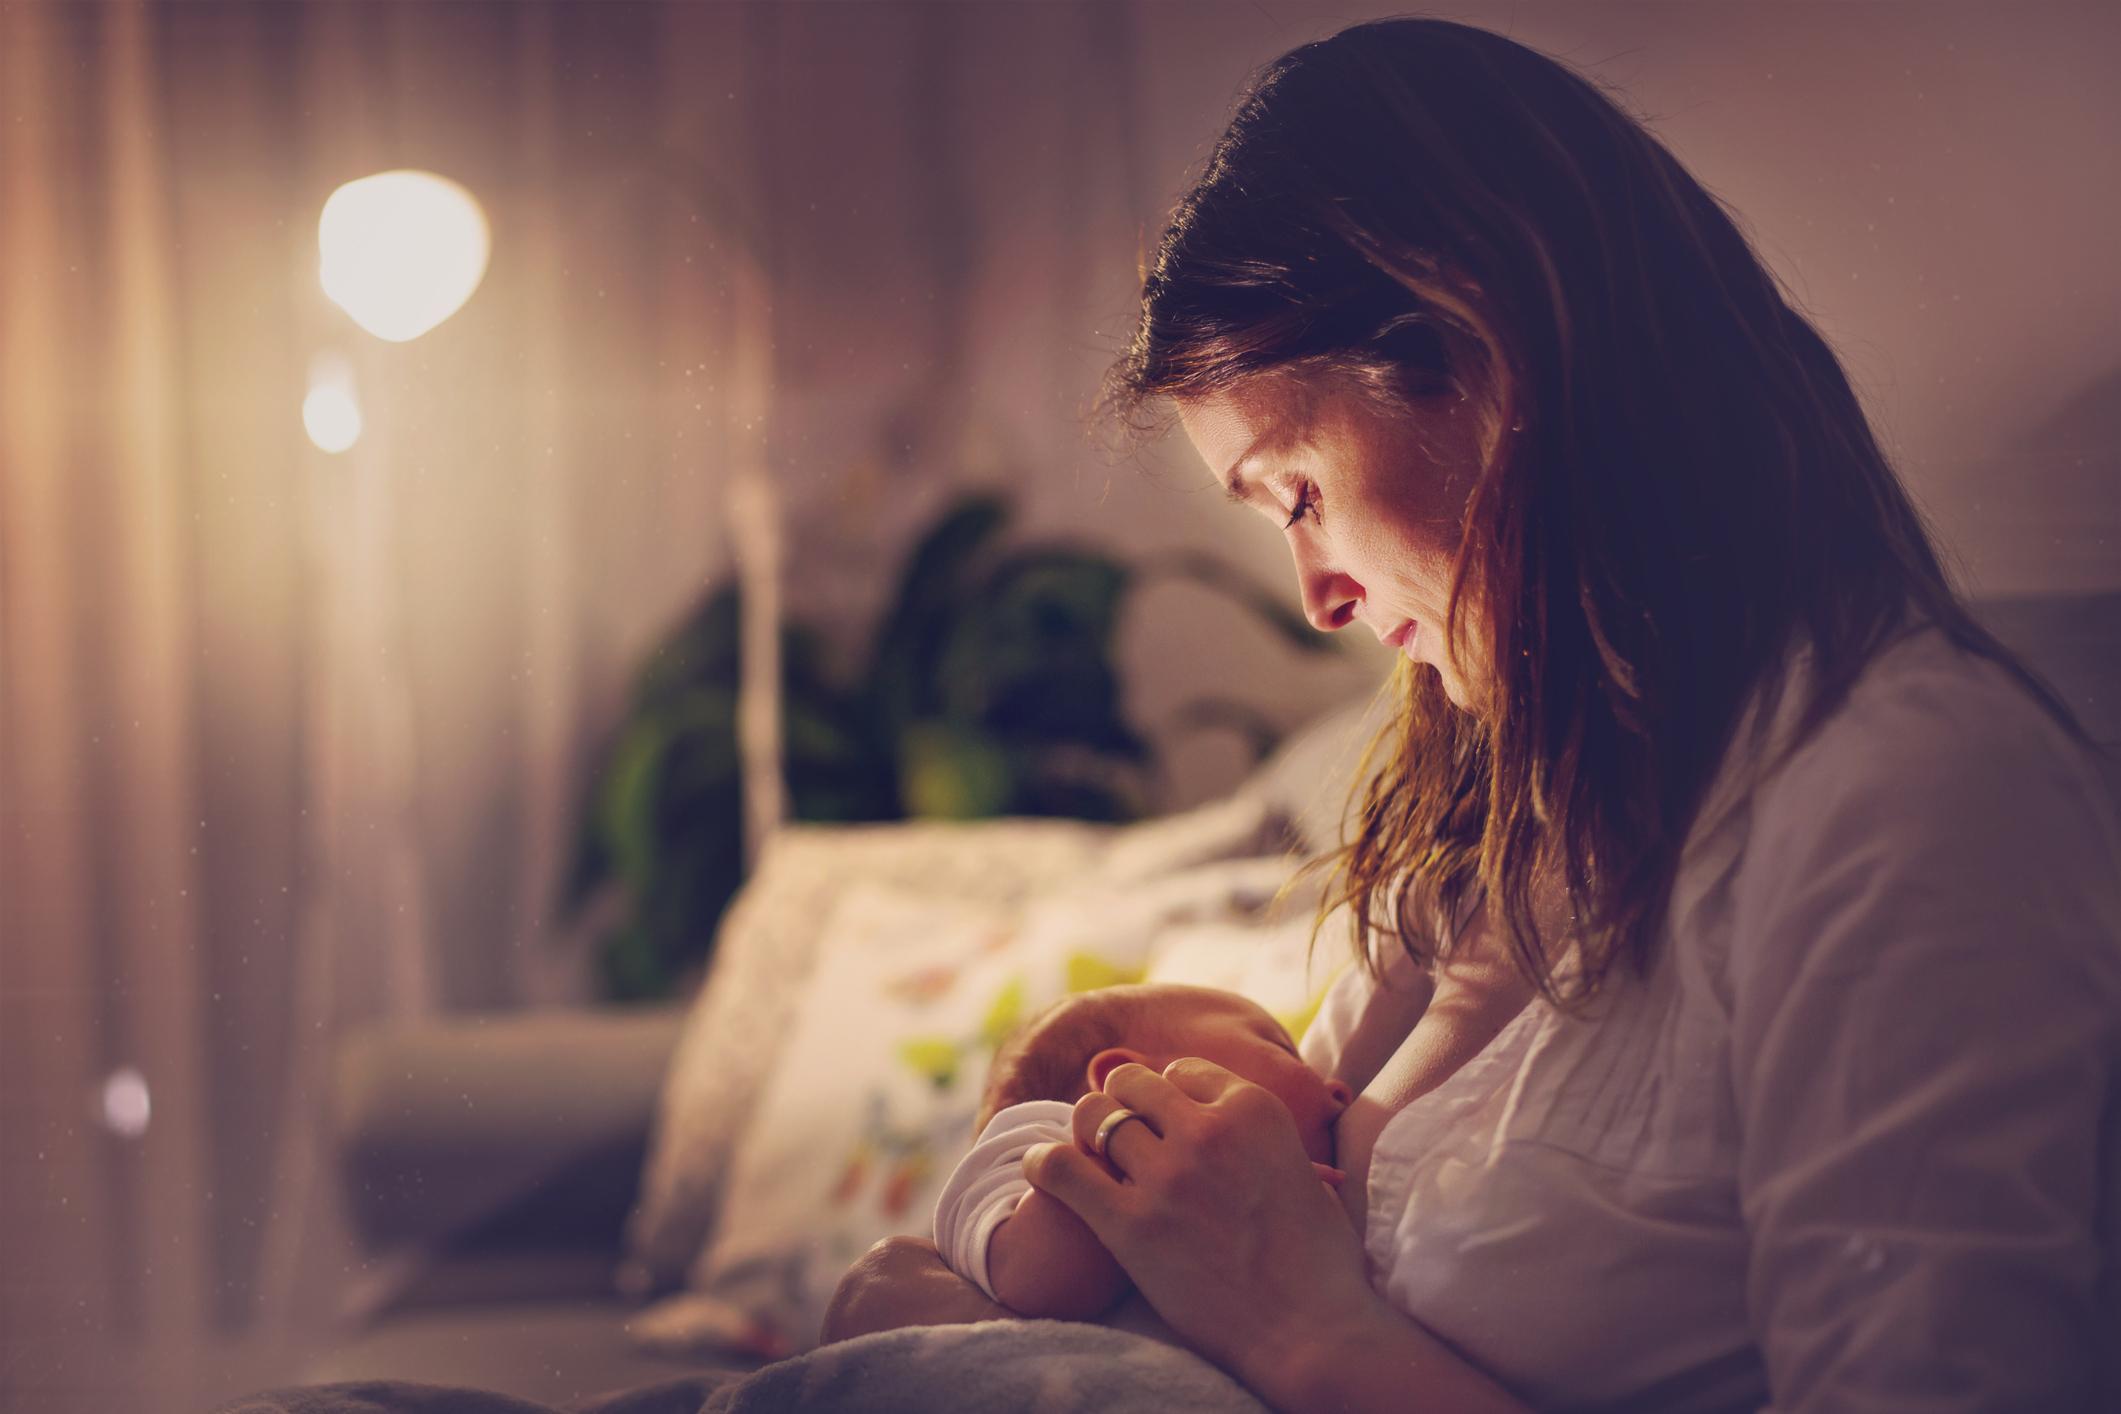 O aleitamento materno, além de nutrir, fortalece a relação entre mãe e bebê. A amamentação deve ser exclusiva até os seis meses de idade.